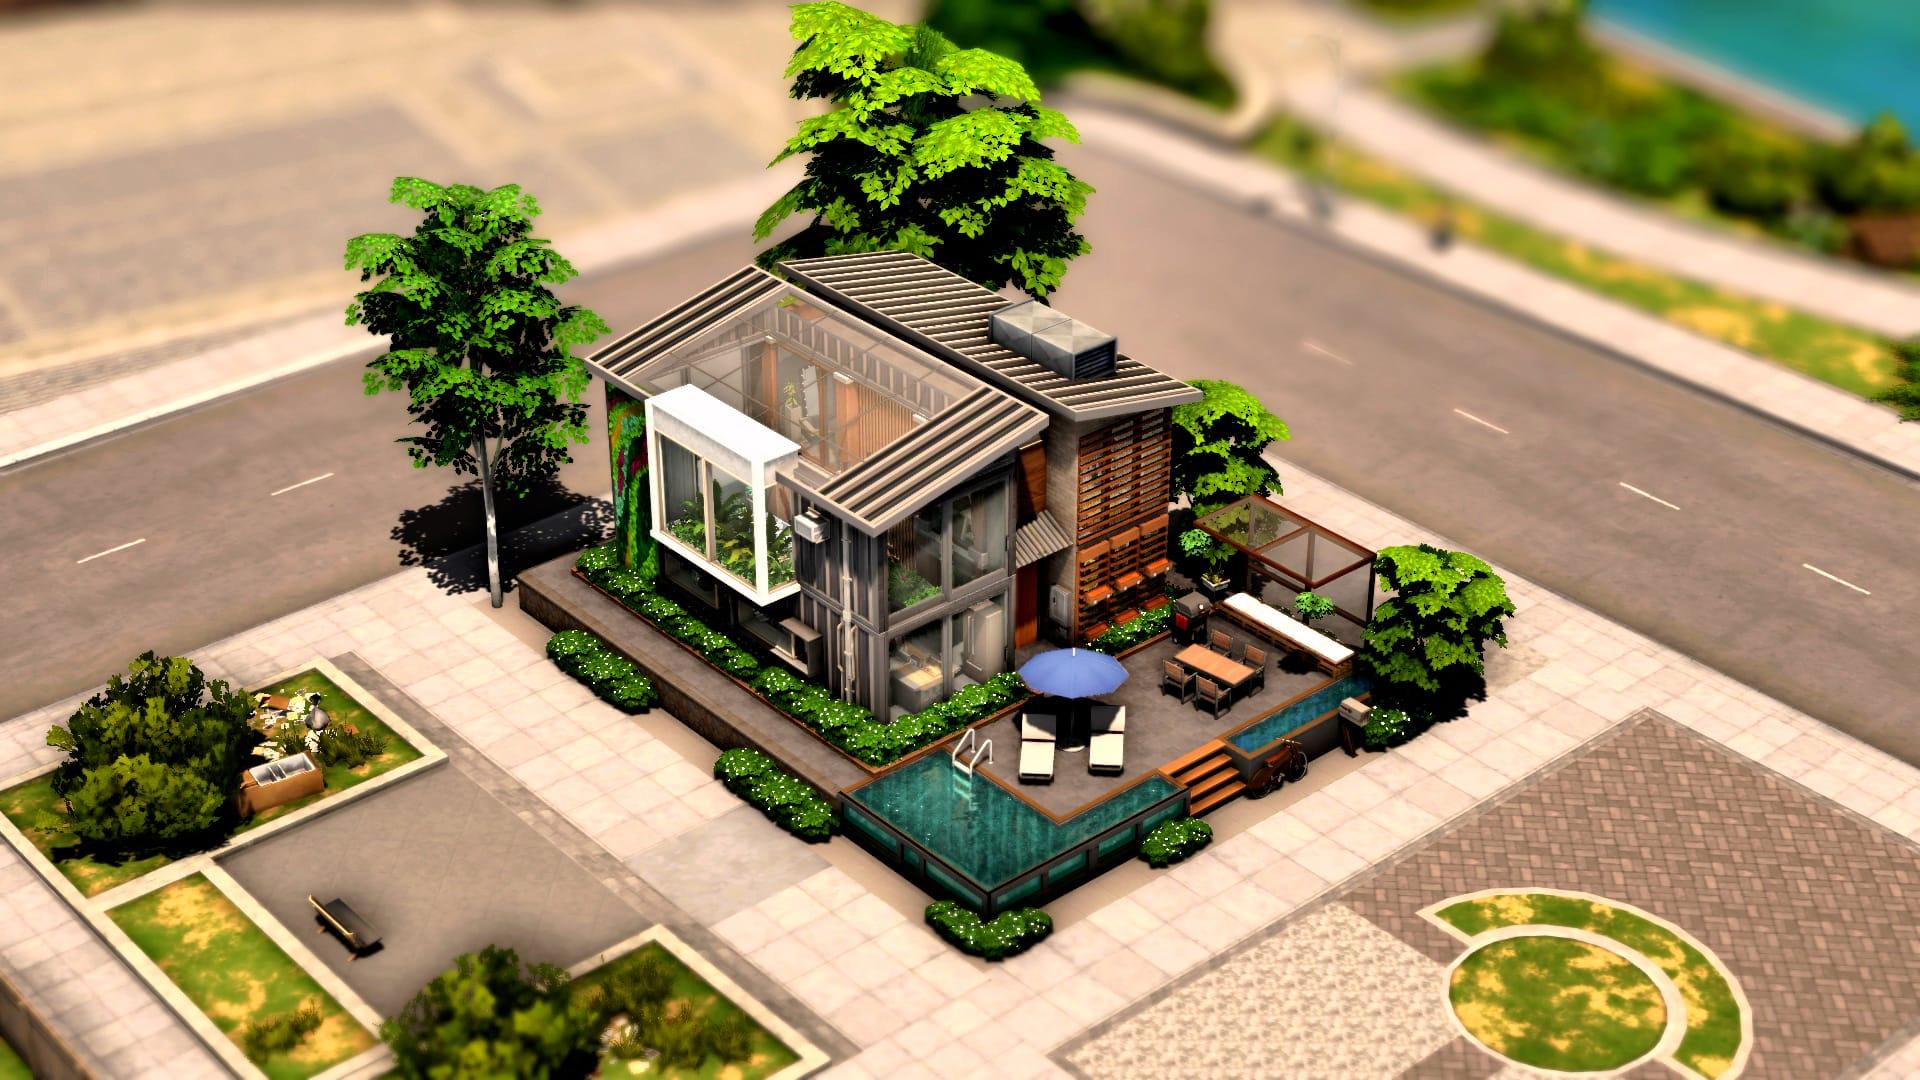 Eco Urban City House sims 4 download télécharger maison